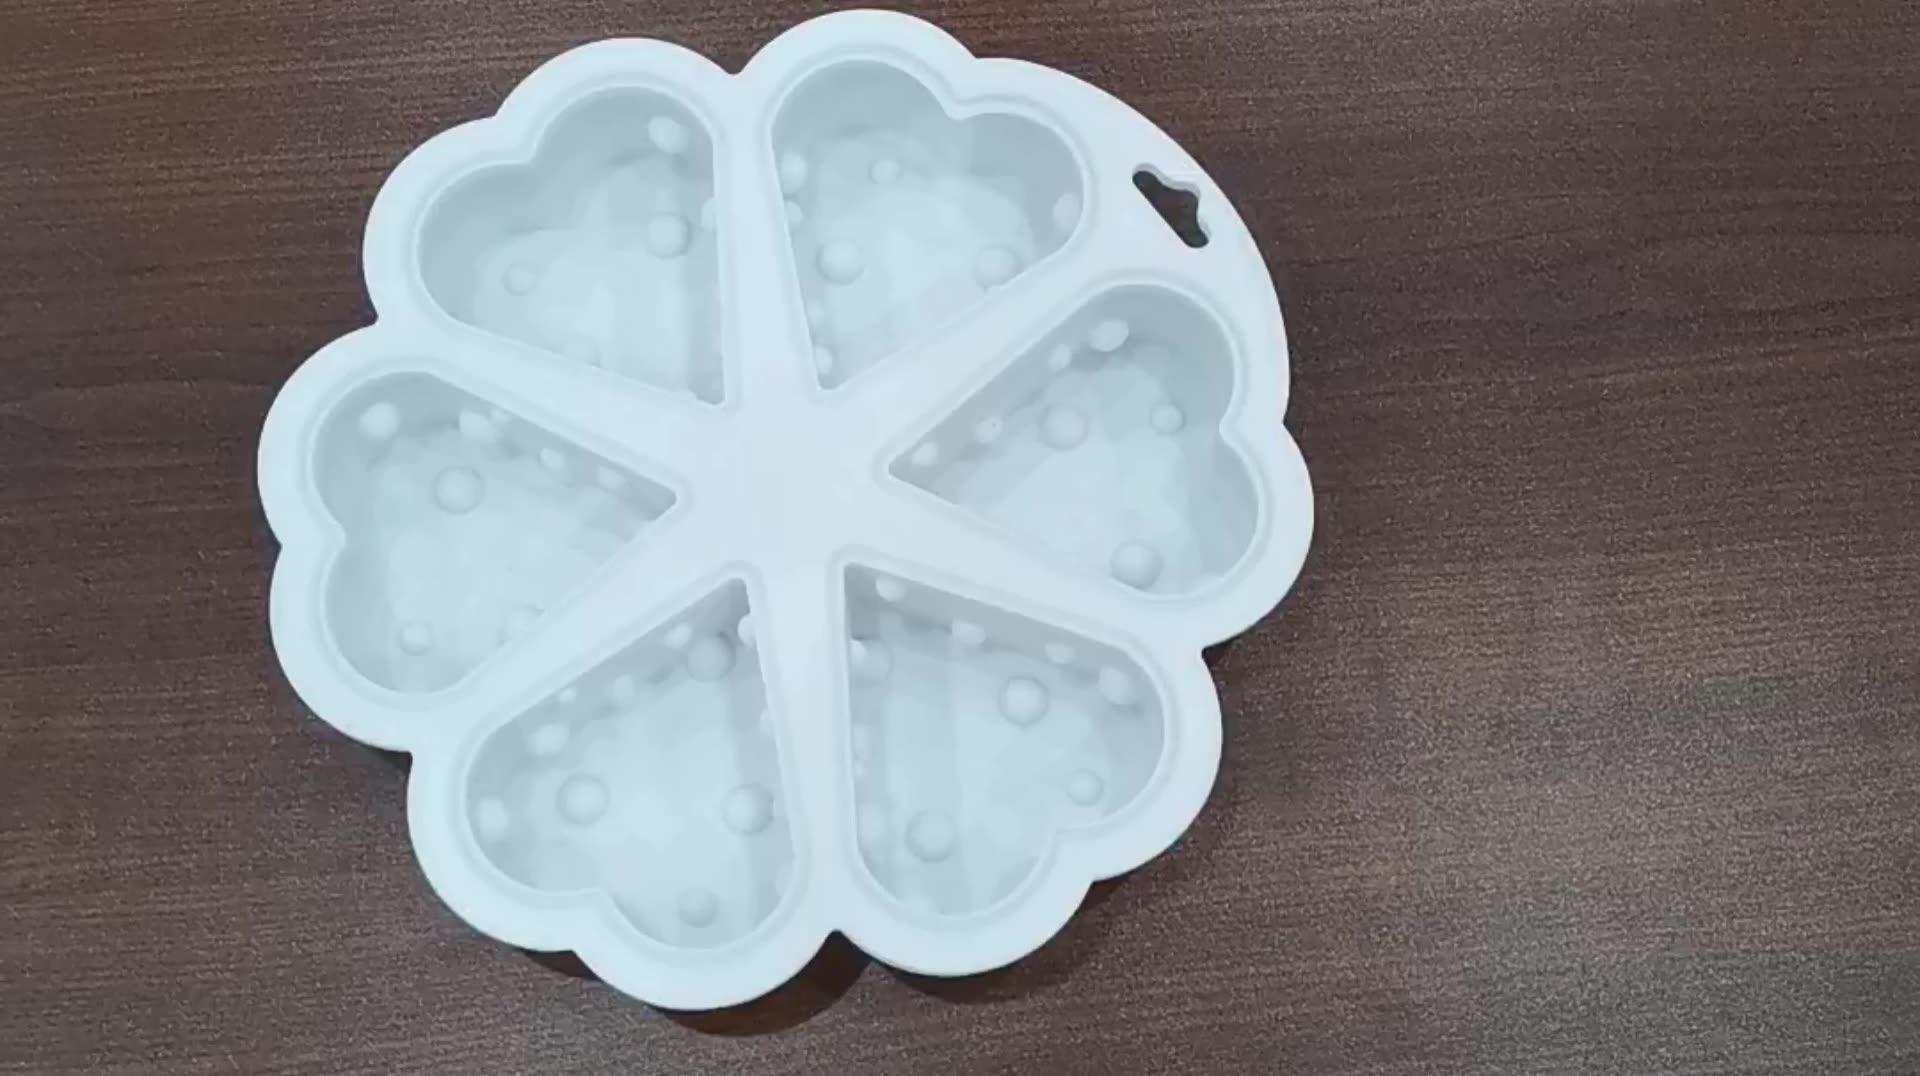 6 ячеек экологичен мусс для выпечки тортов сыр силиконовая форма для выпечки торта